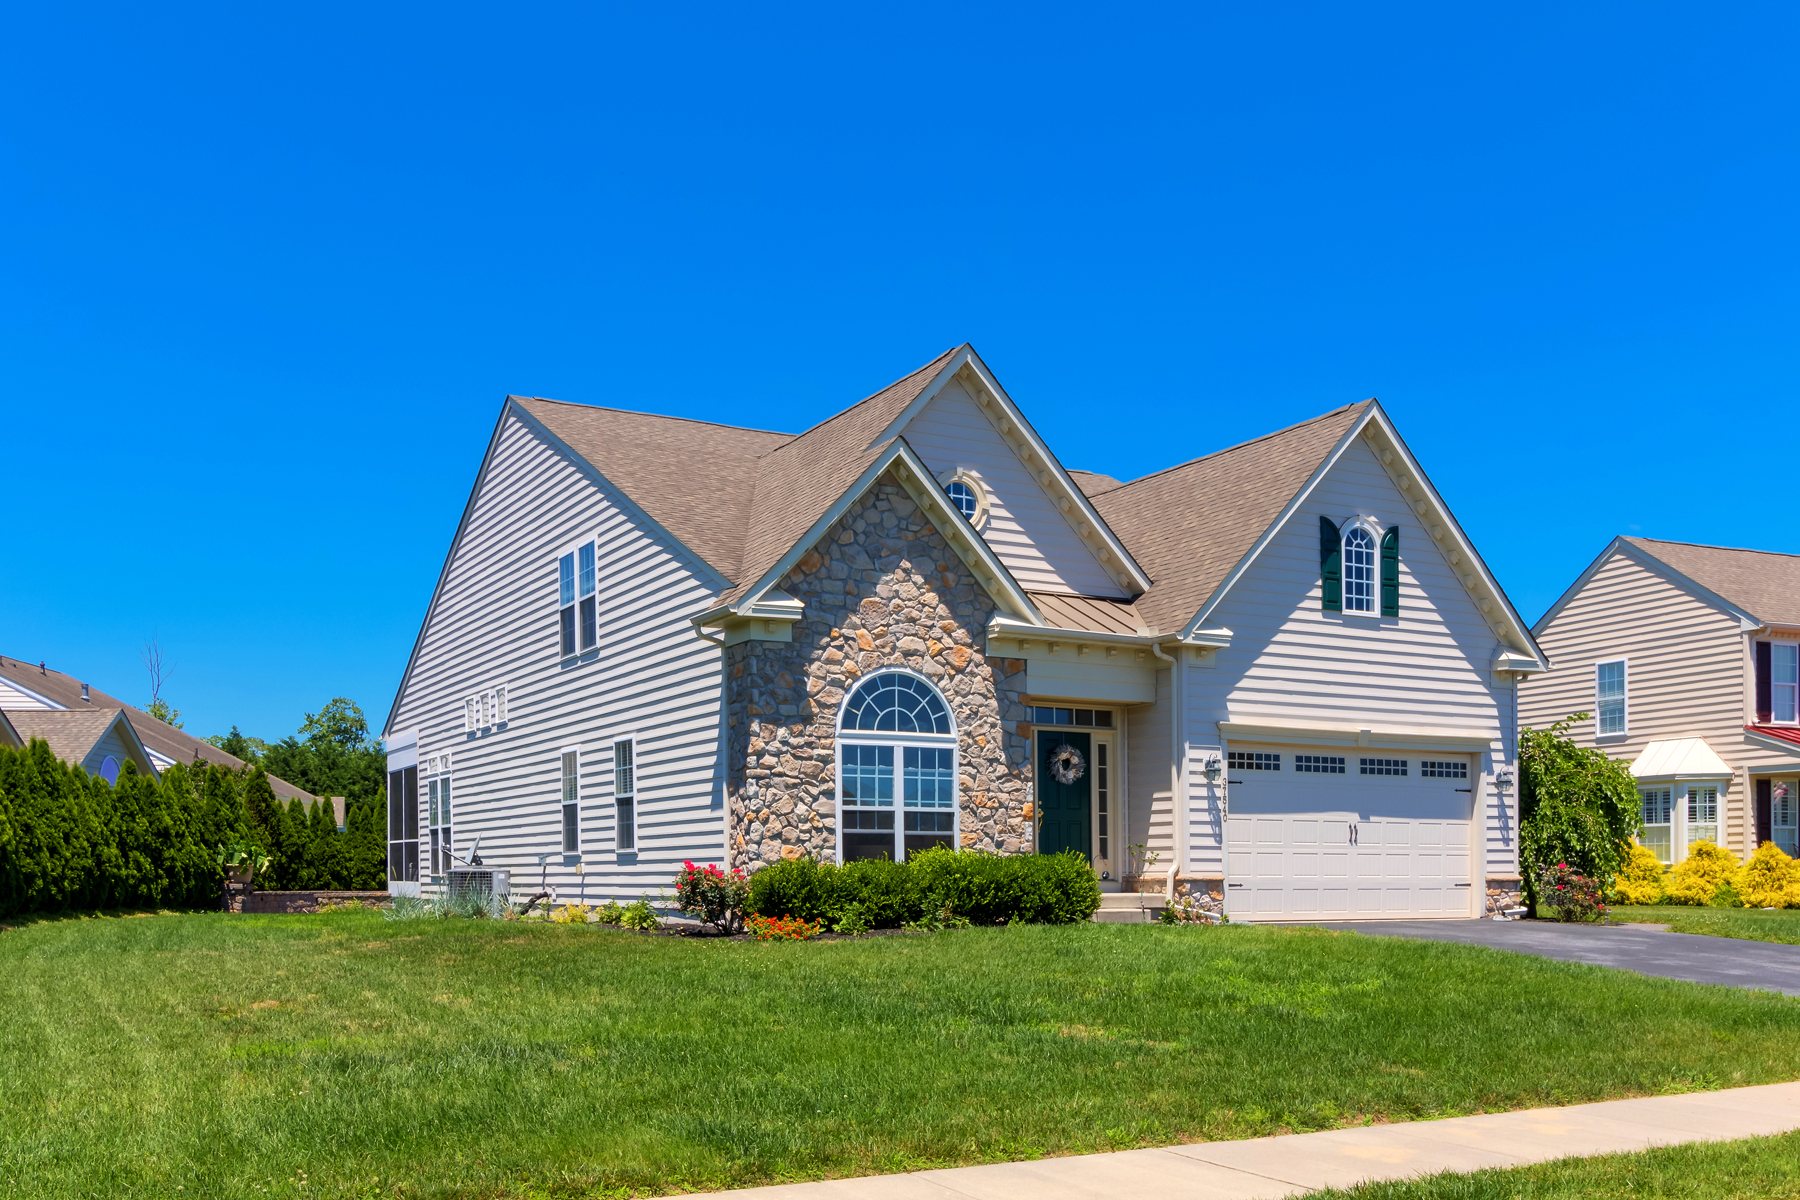 Частный односемейный дом для того Продажа на 37540 Oliver Dr , Selbyville, DE 19975 37540 Oliver Dr Selbyville, 19975 Соединенные Штаты